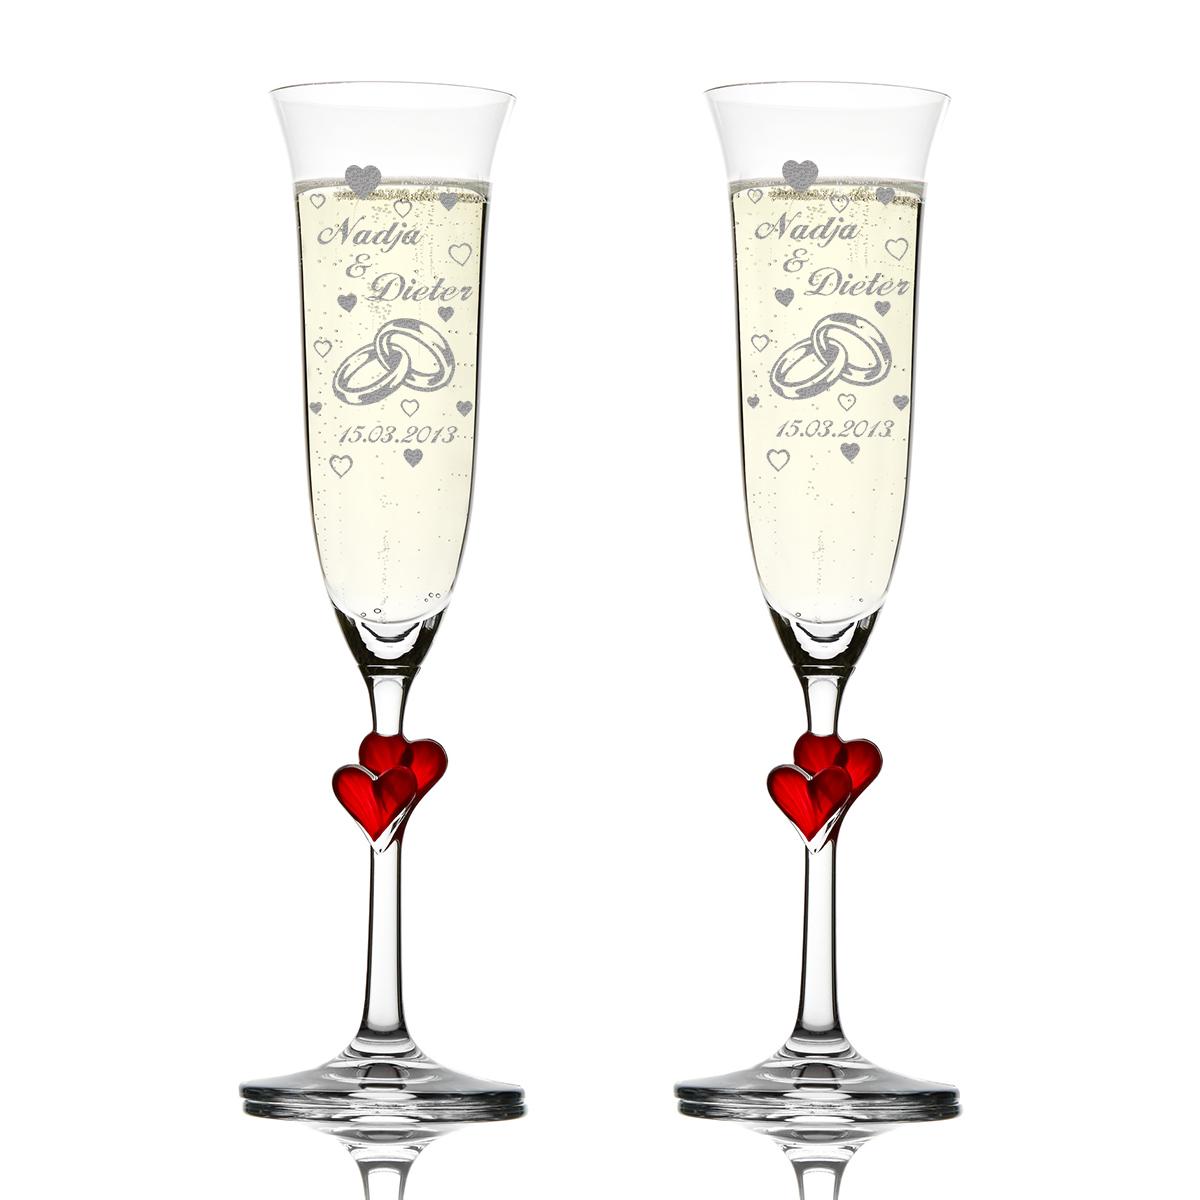 Weingläser Motiv verliebtes Paar romantisch Gläser polar-effekt 2 Weingläser mit Gravur mit Namen und Datum schöne Geschenk-Idee zur Hochzeit